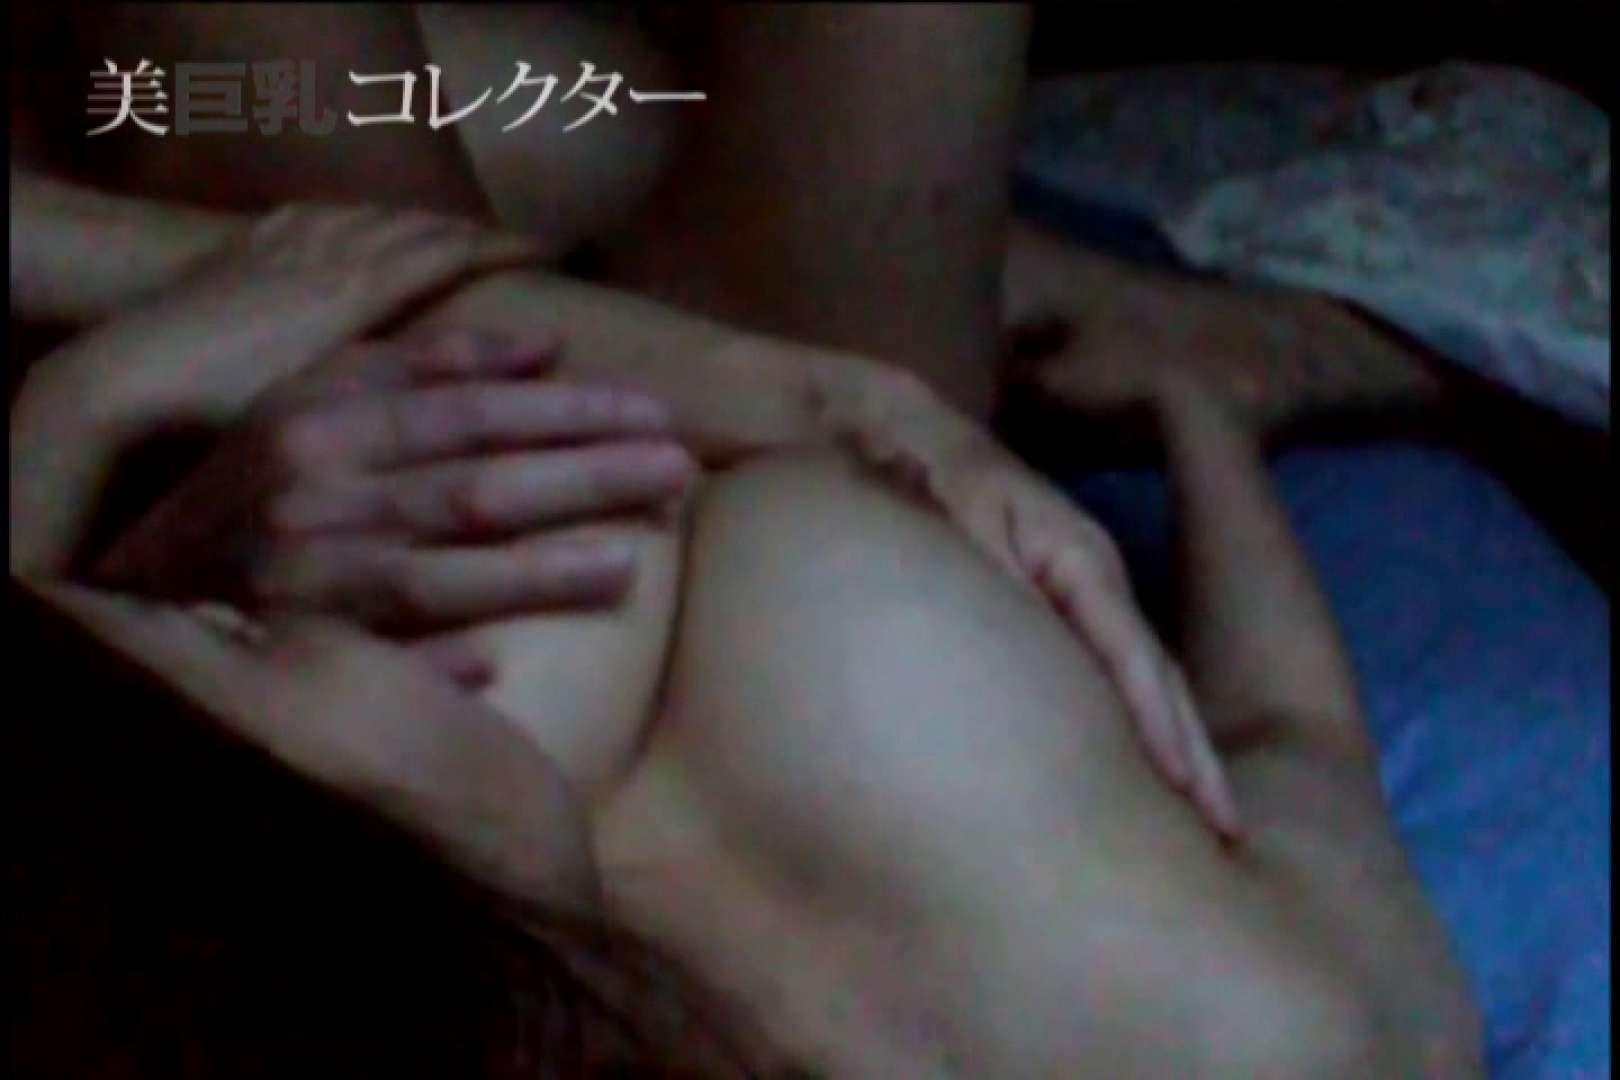 泥酔Hカップ爆乳ギャル3 爆乳 オメコ無修正動画無料 58pic 43